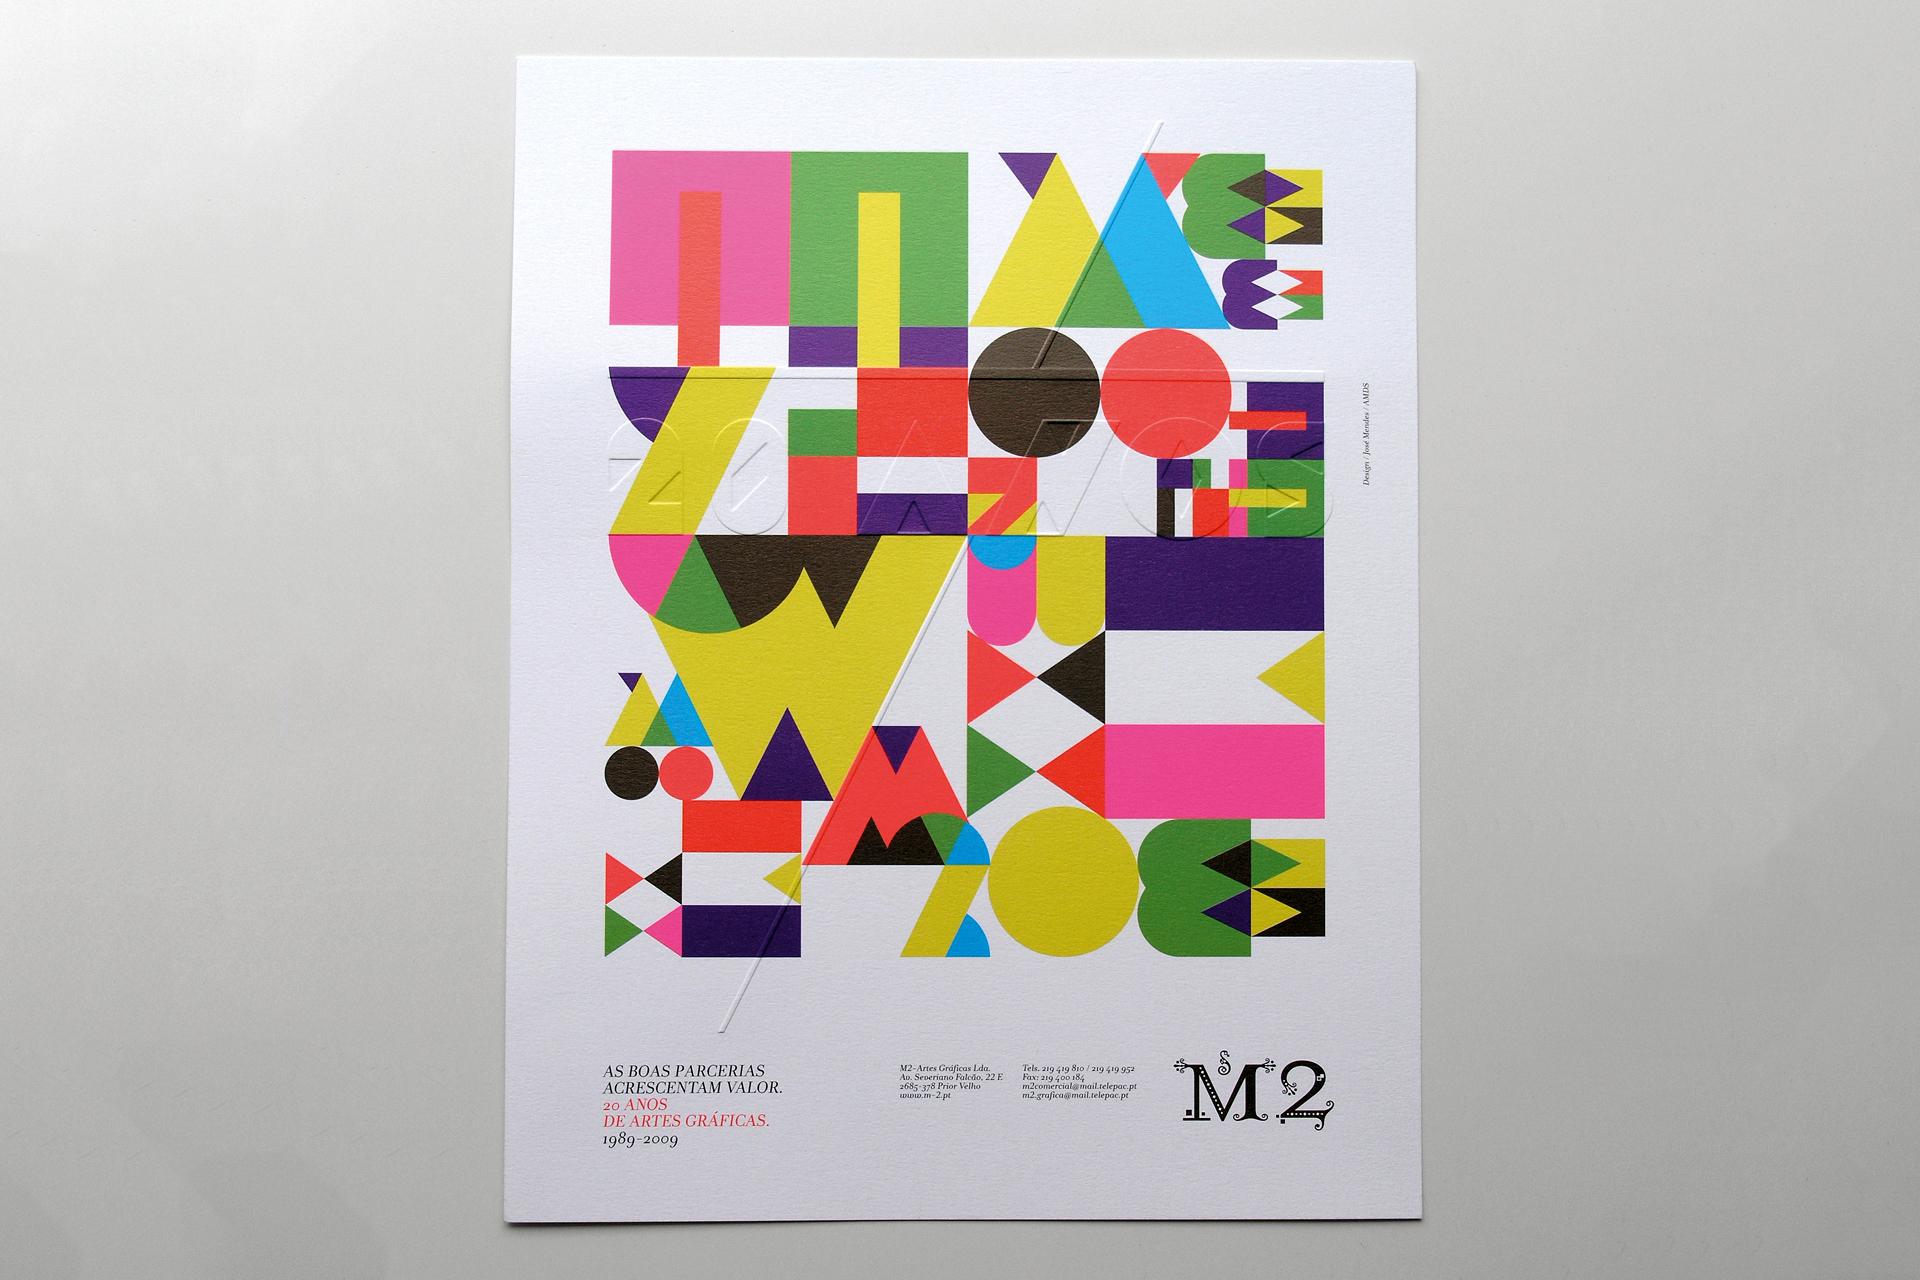 M2_20cartaz_1.jpg